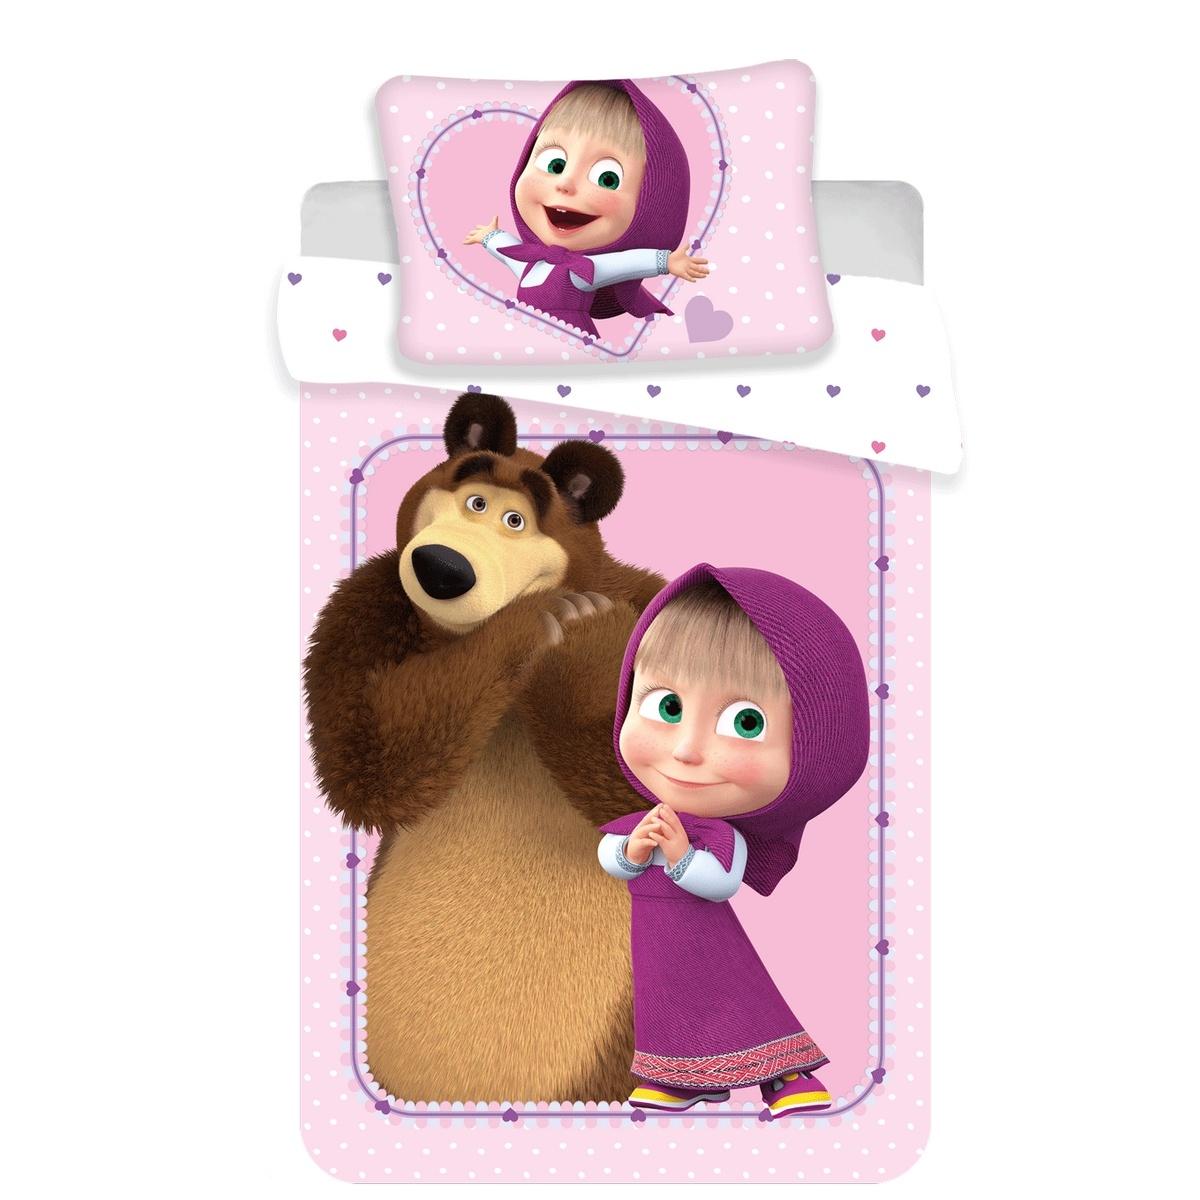 Jerry Fabrics Detské bavlnené obliečky Máša a Medveď Srdce, 100 x 135 cm, 40 x 60 cm